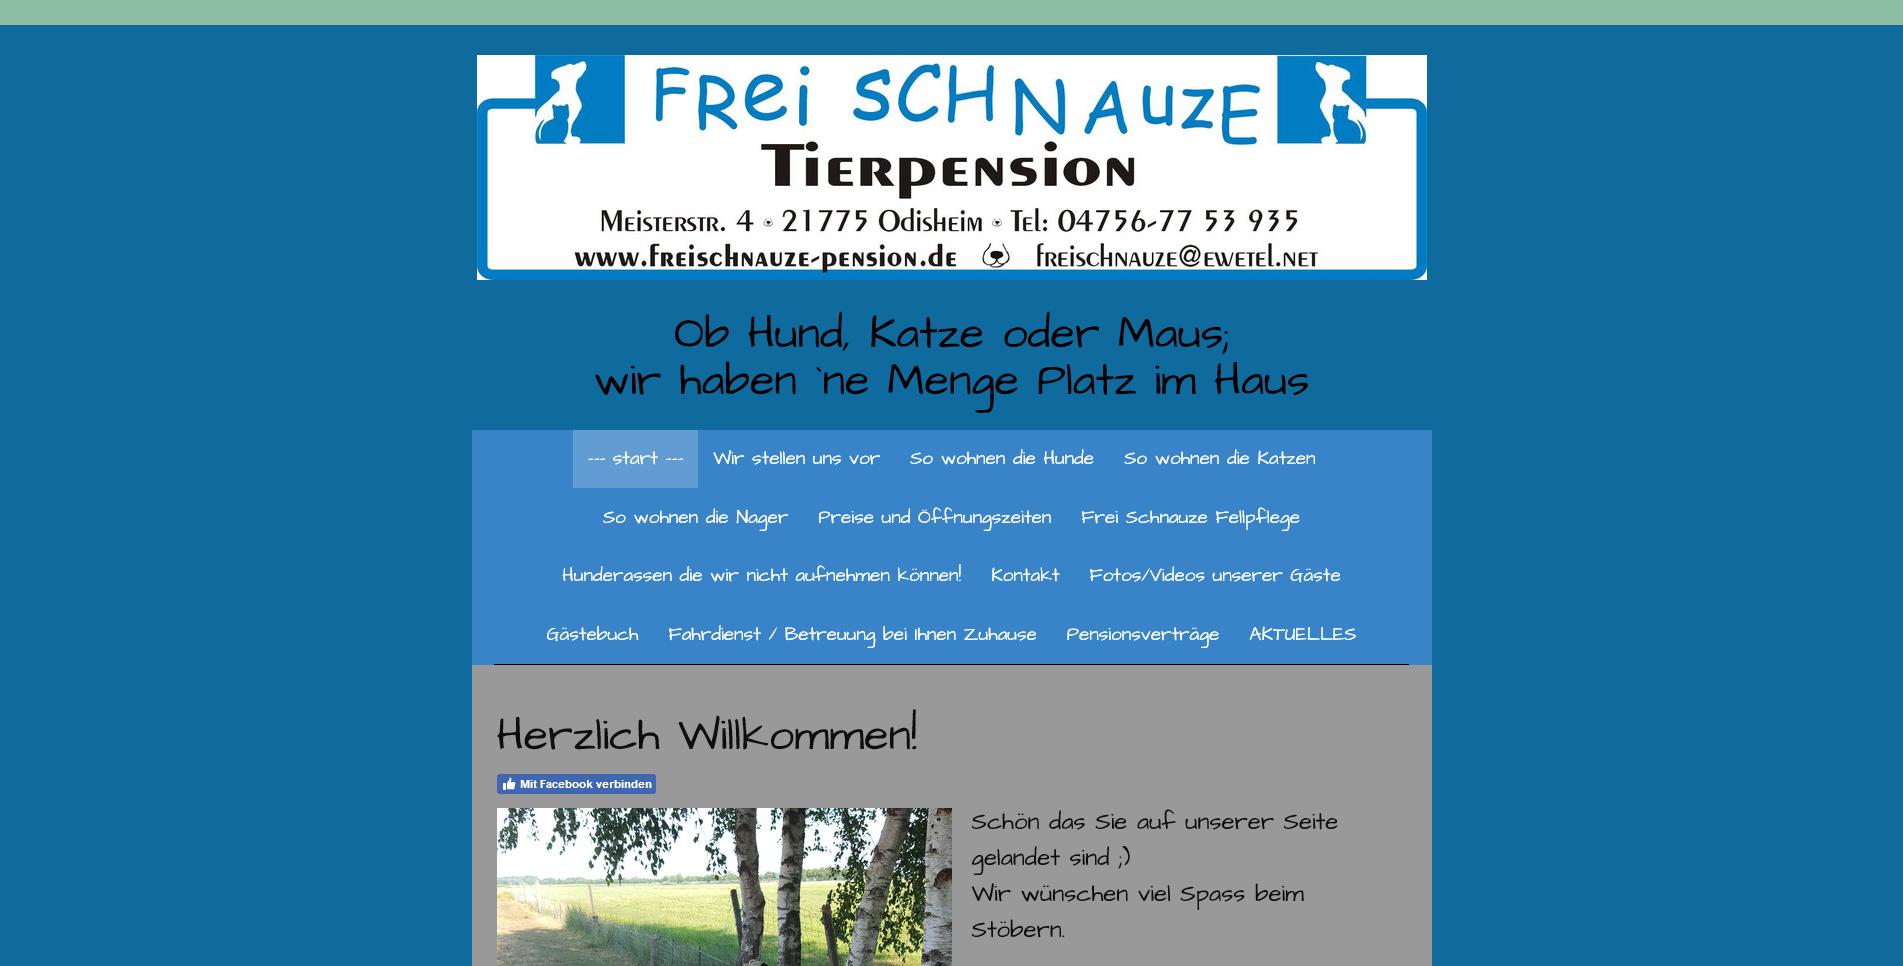 Tierpension Frei Schnauze